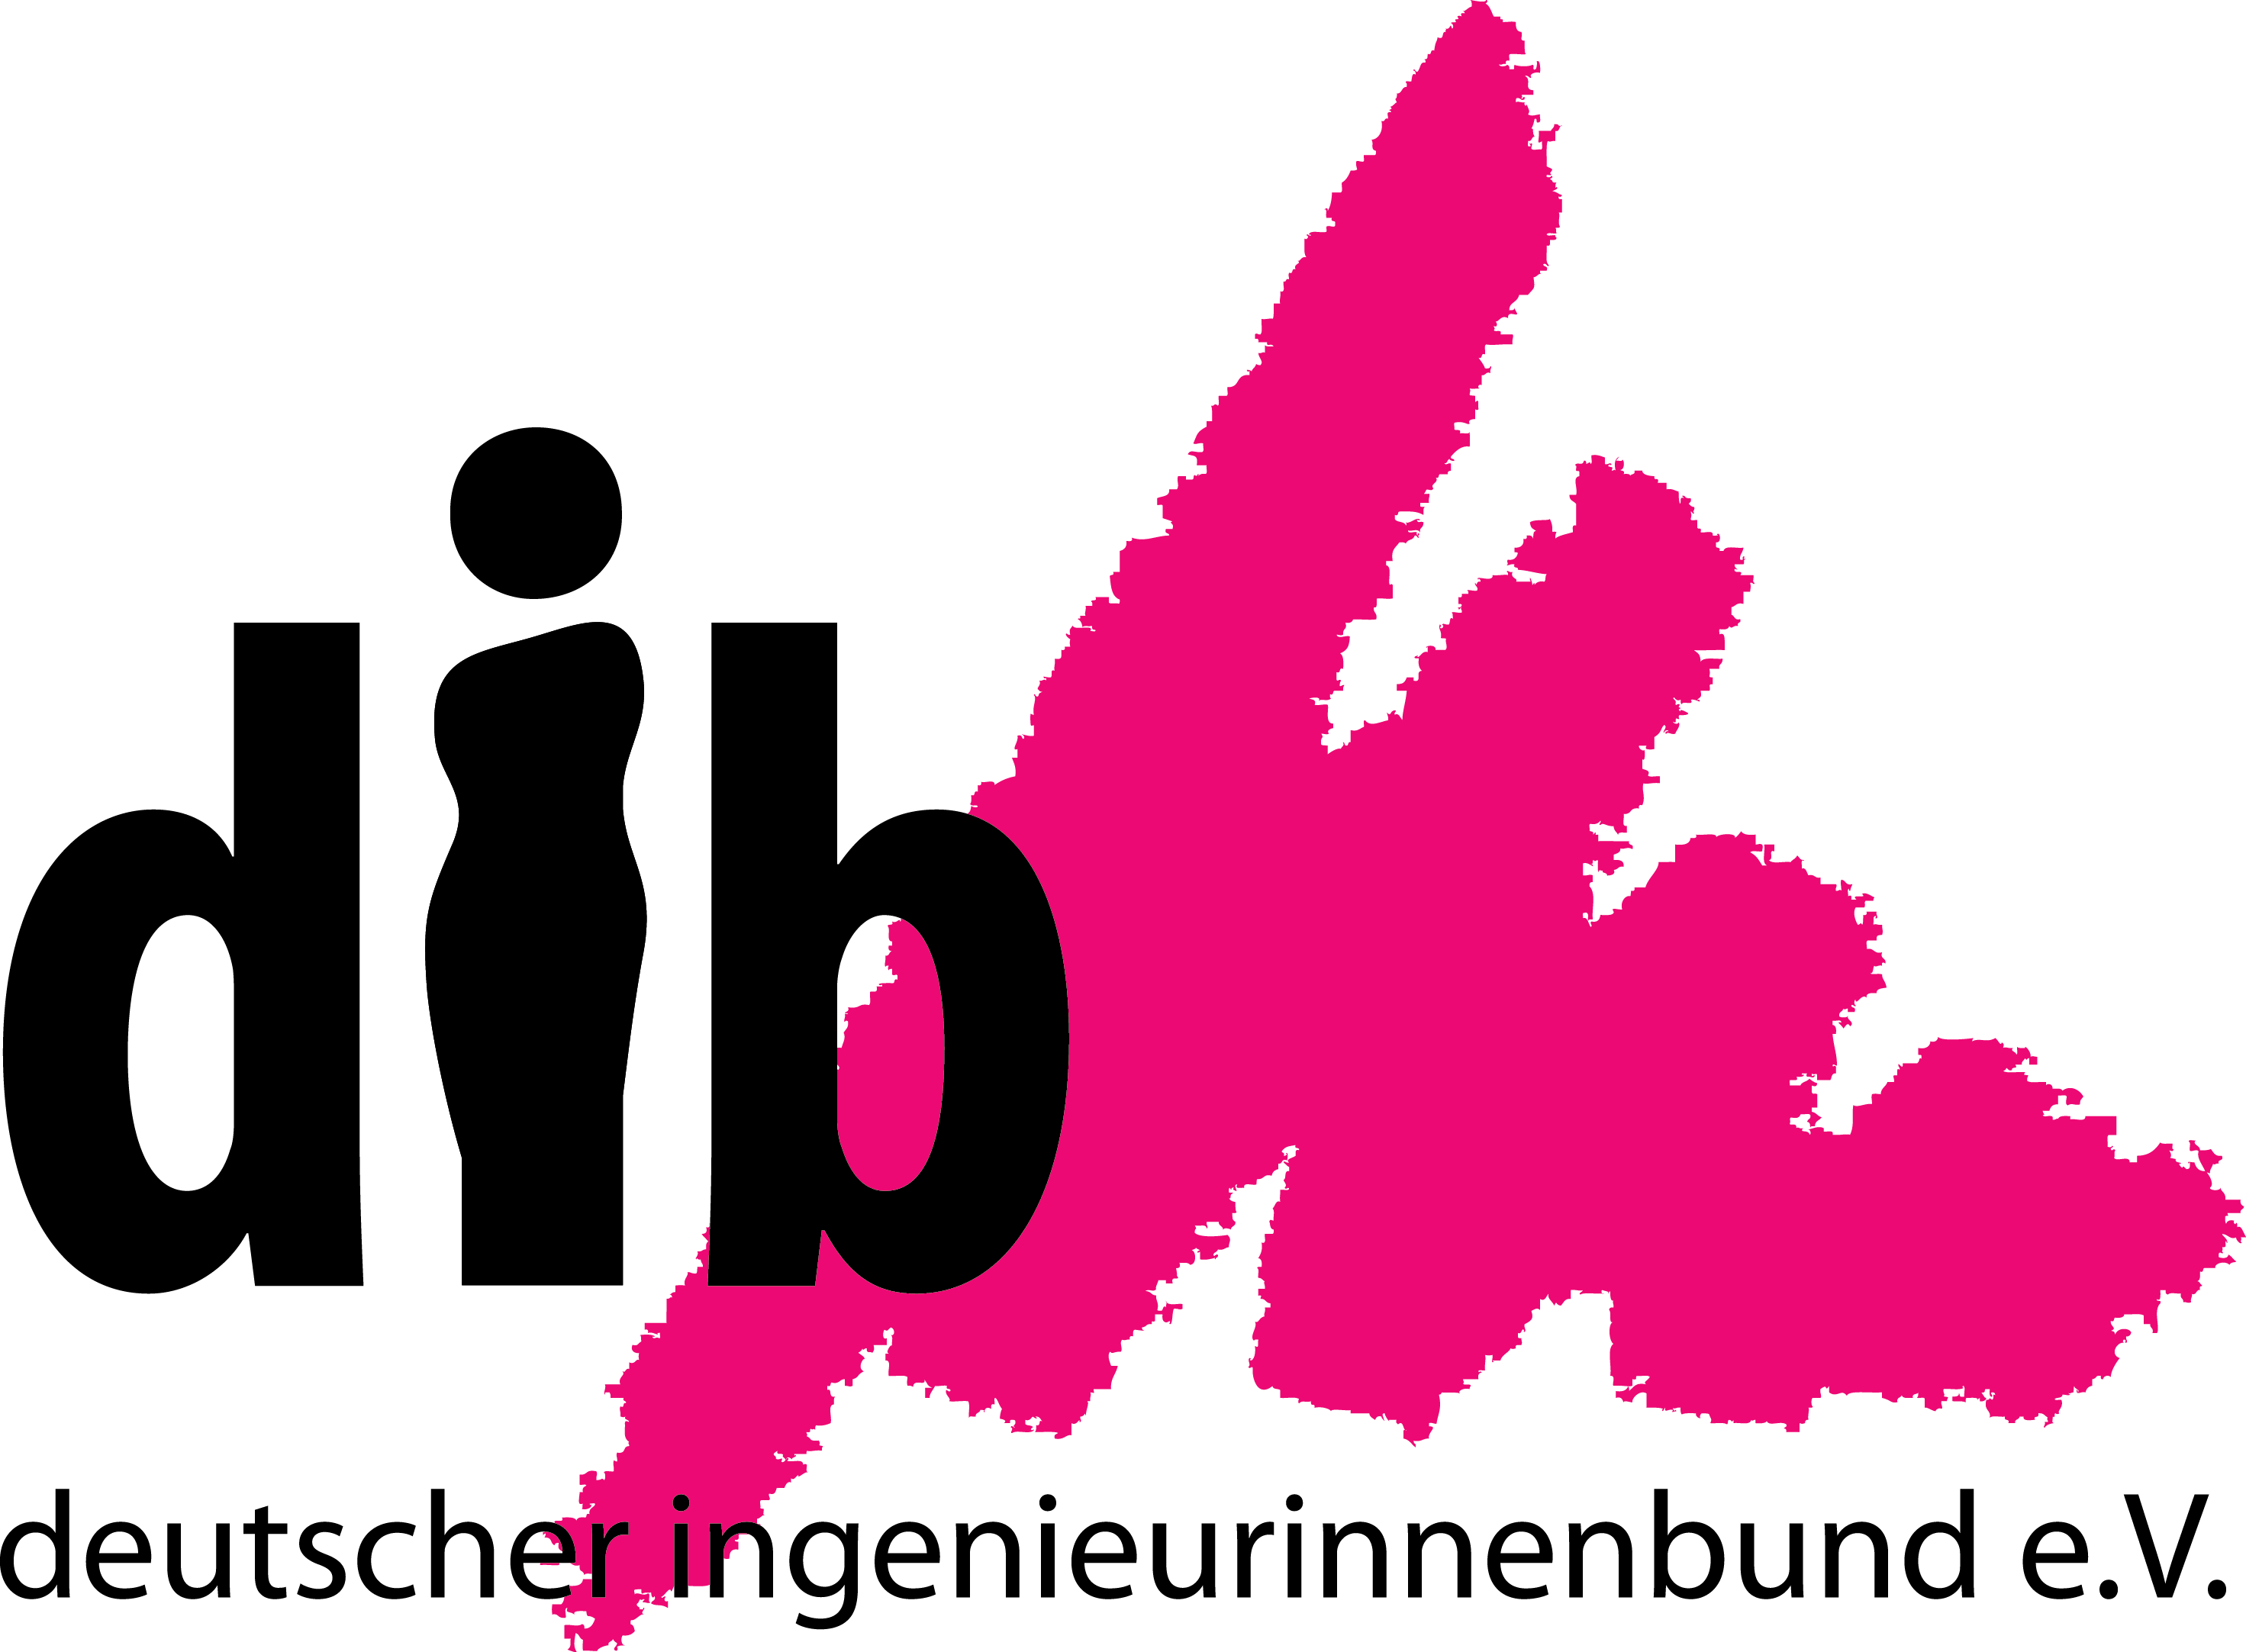 Deutscher Ingenieurinnen Bund (dib), Dib e.V.